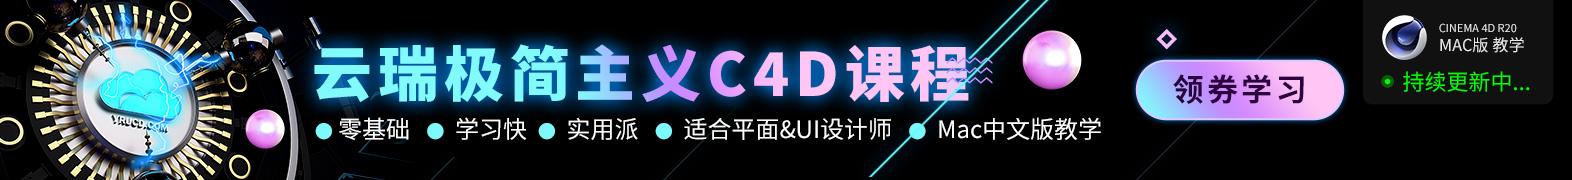 云瑞极简主义C4D课程优惠购买